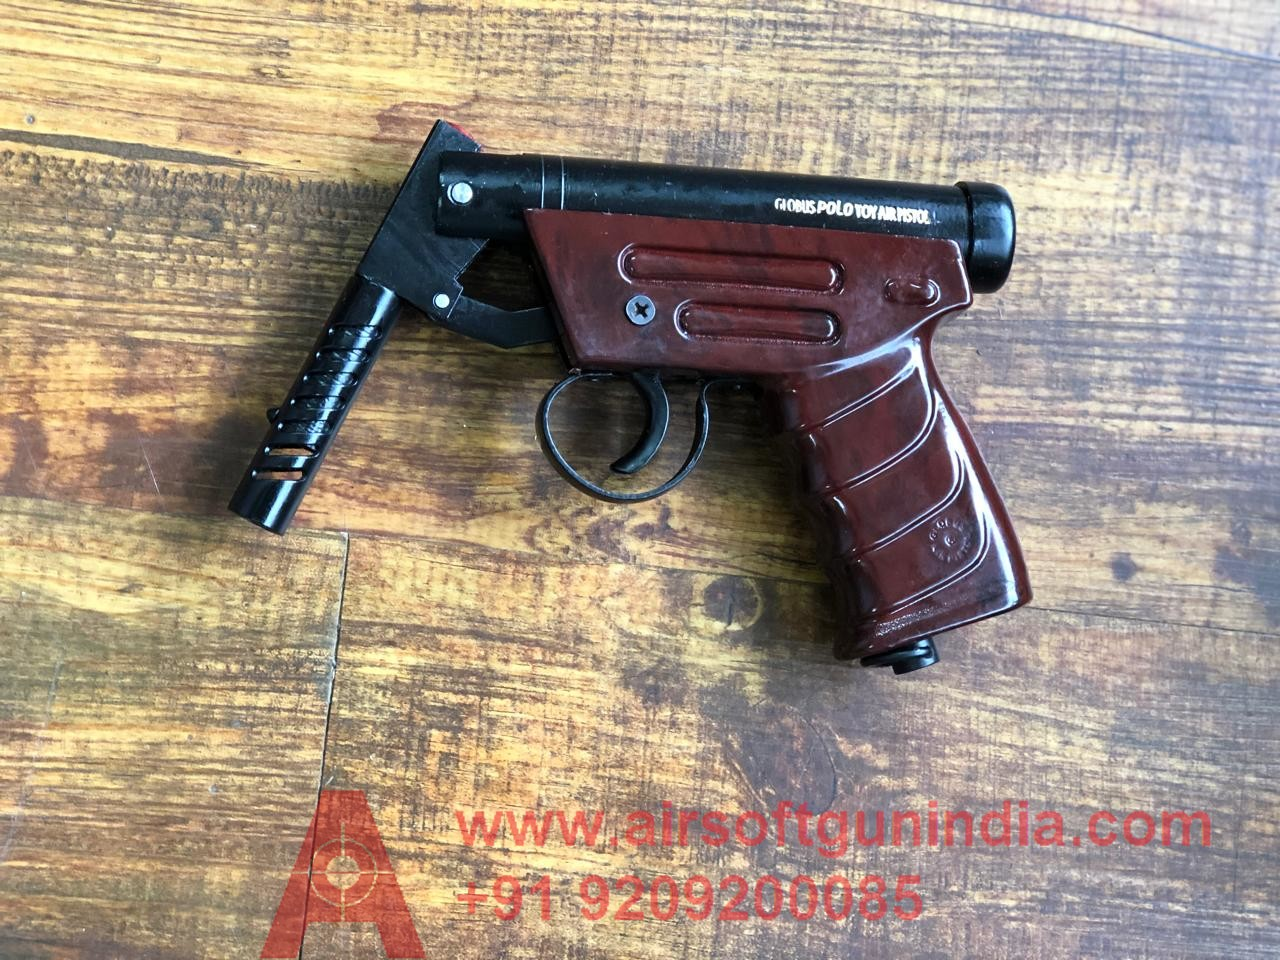 Globus POLO-XO Sports Cheap Air Pistol By Airsoft Gun India